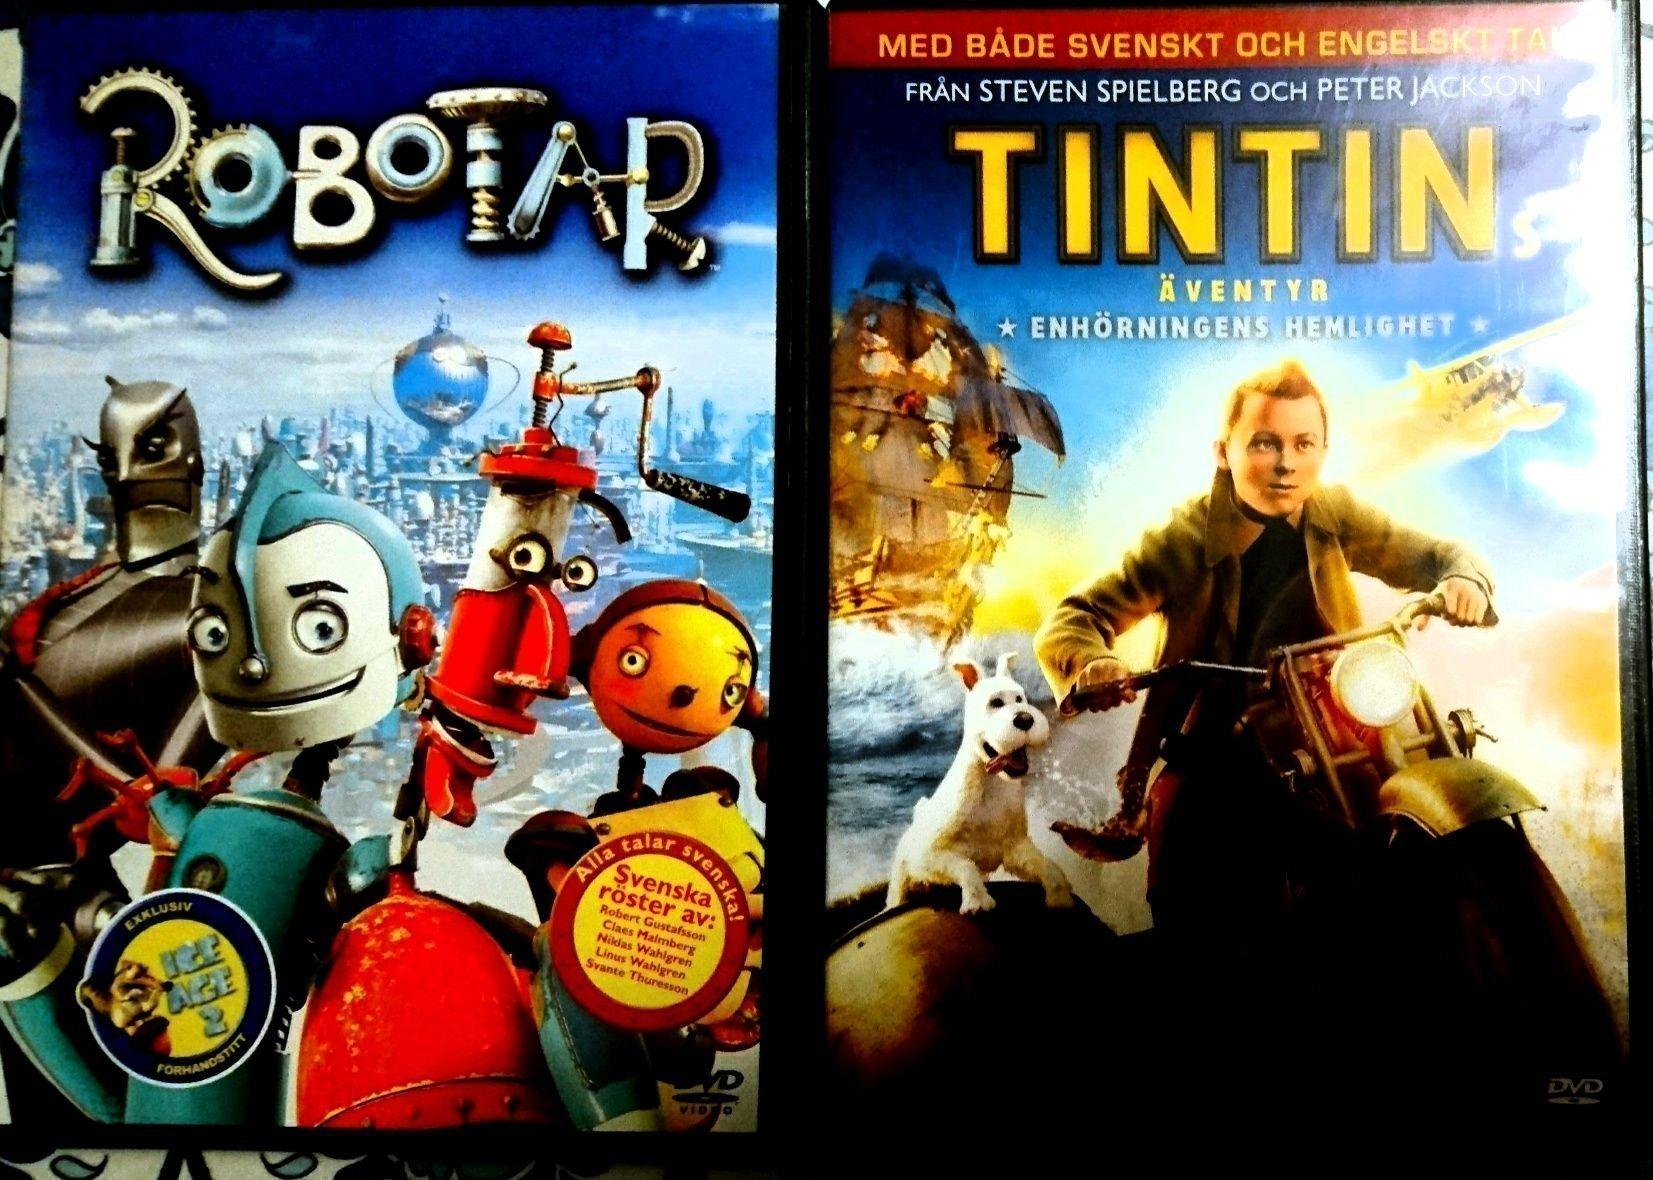 Robotar Och Tintin Enhorningens Hemlighet 416503878 ᐈ Kop Pa Tradera